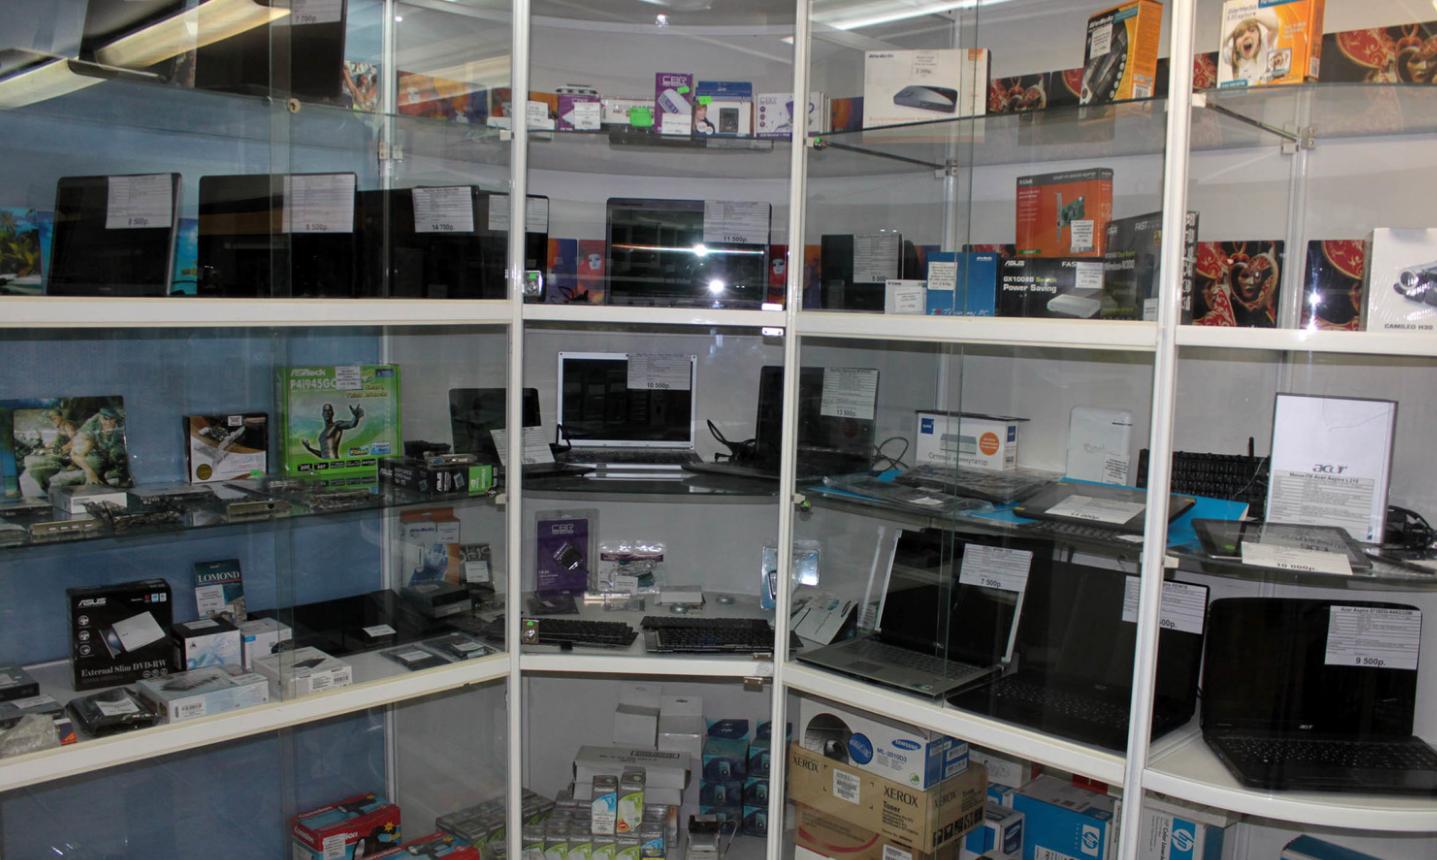 Бизнес-идея открытия комиссионного магазина оргтехники